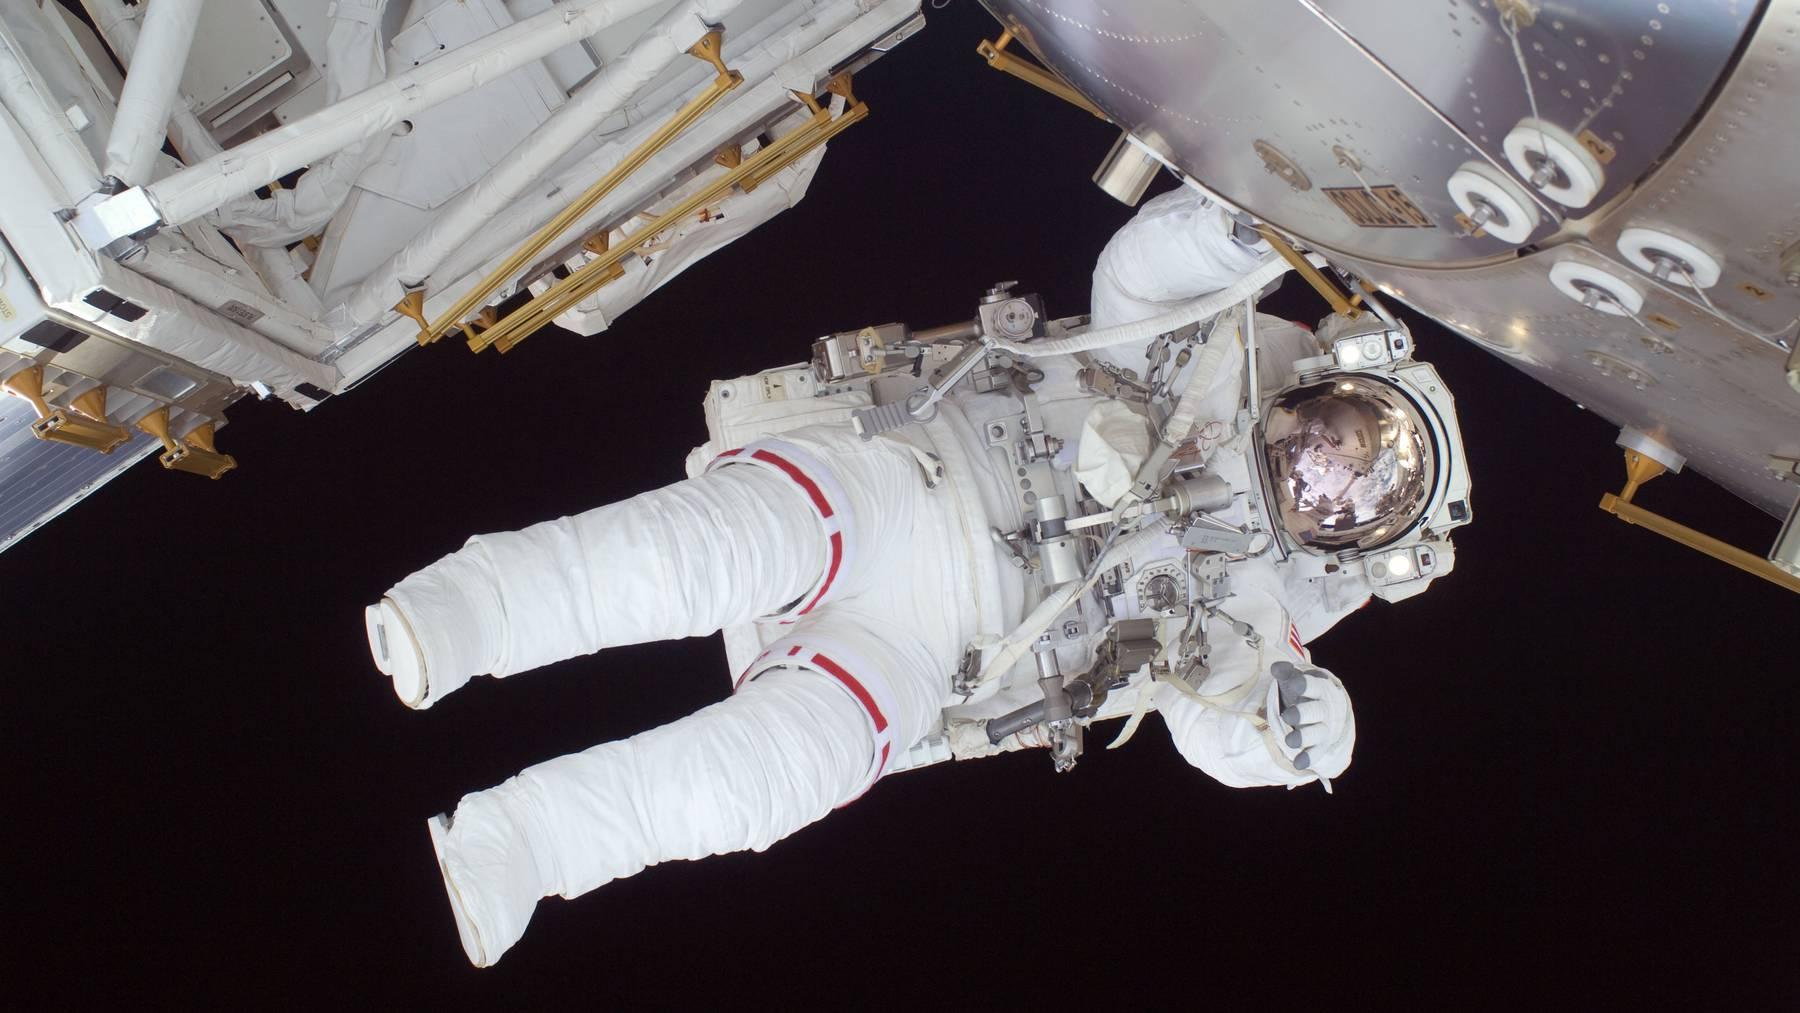 Monate auf engstem Raum, mit denselben Menschen. Für viele ein Albtraum, für Astronauten «All»-Tag.